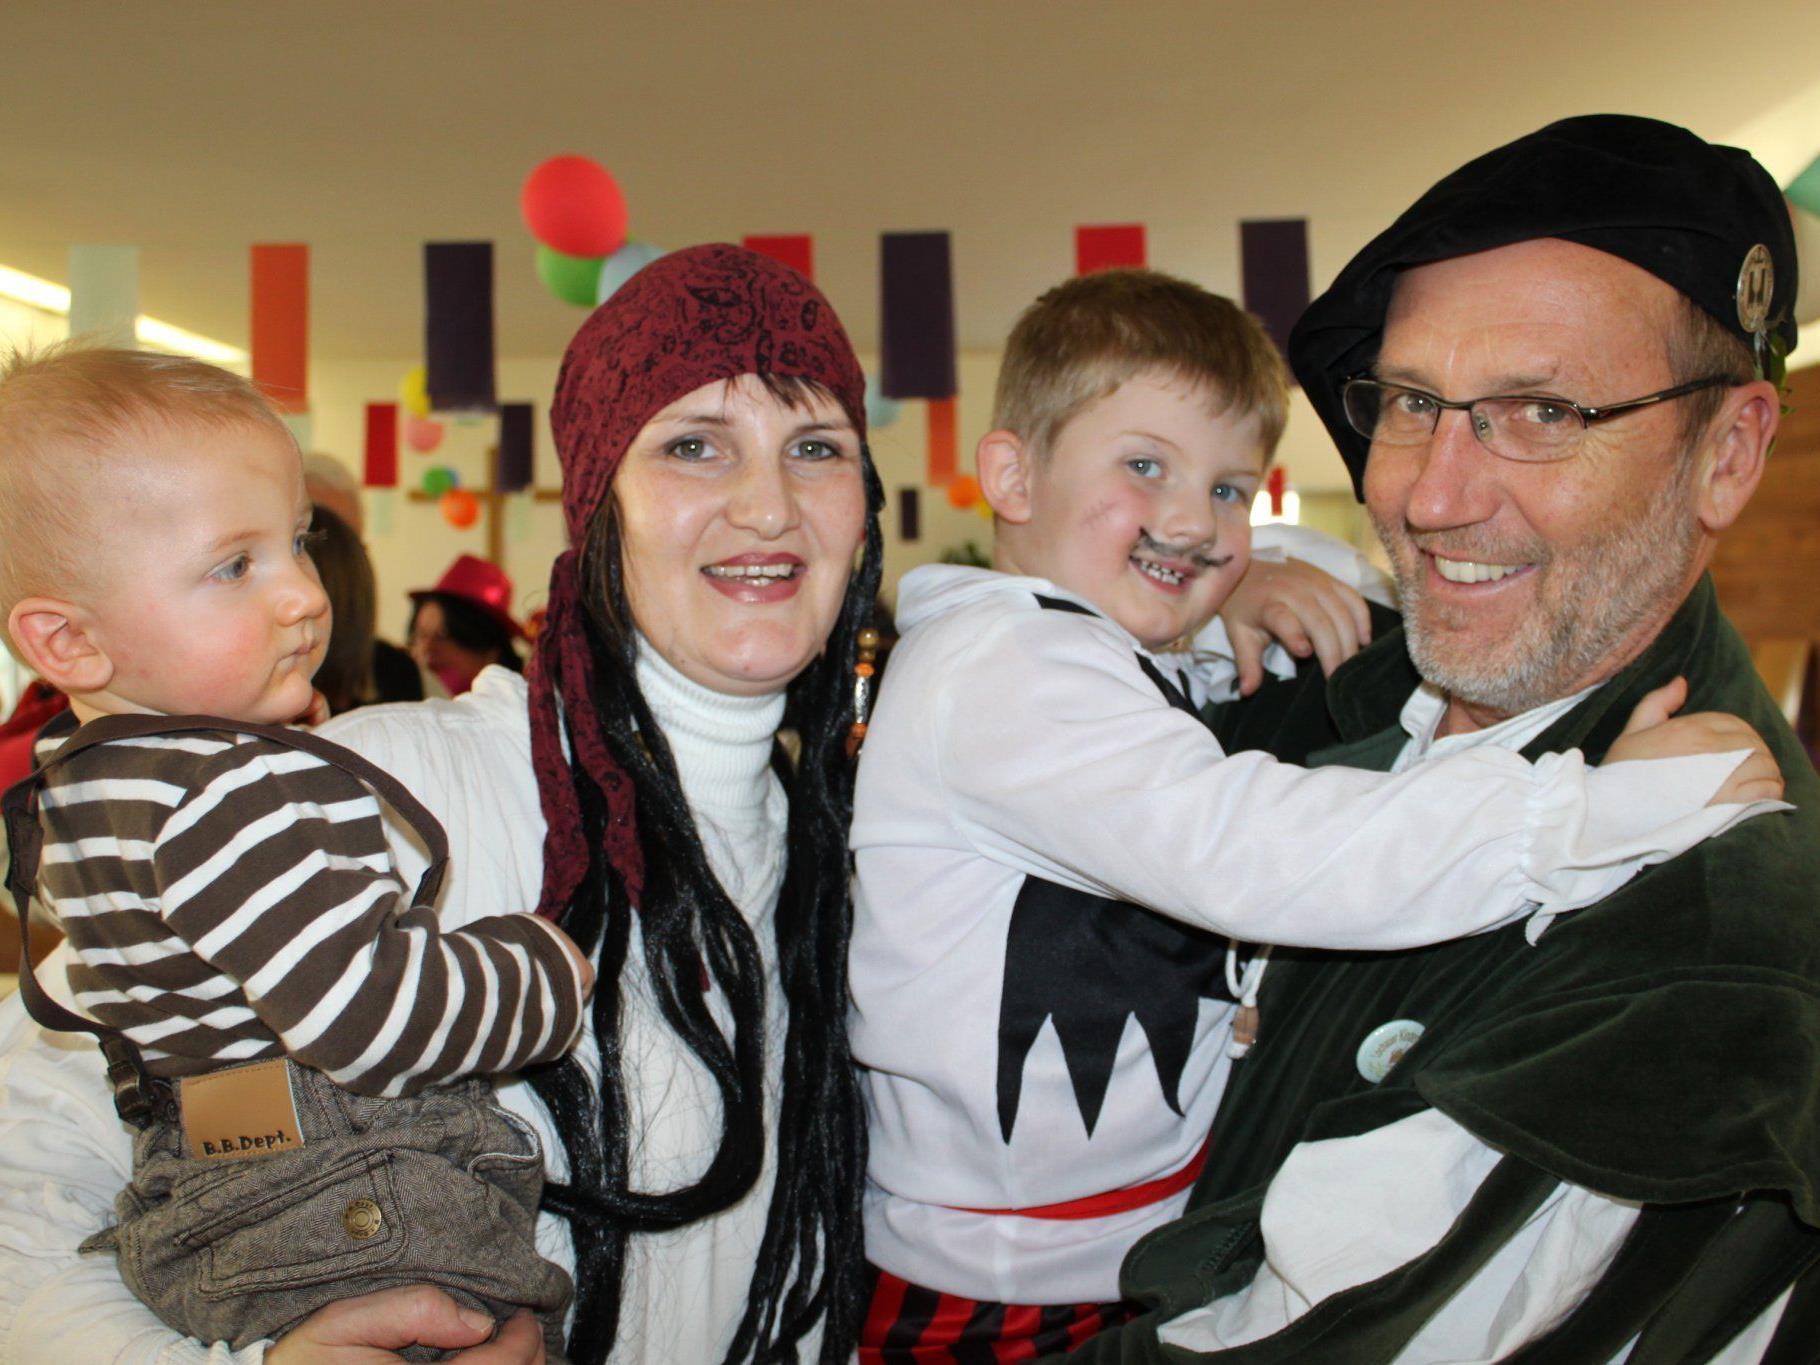 Auch Bürgermeister Xaver Sinz ist beim familiären Faschingsfrühschoppen mit dabei.